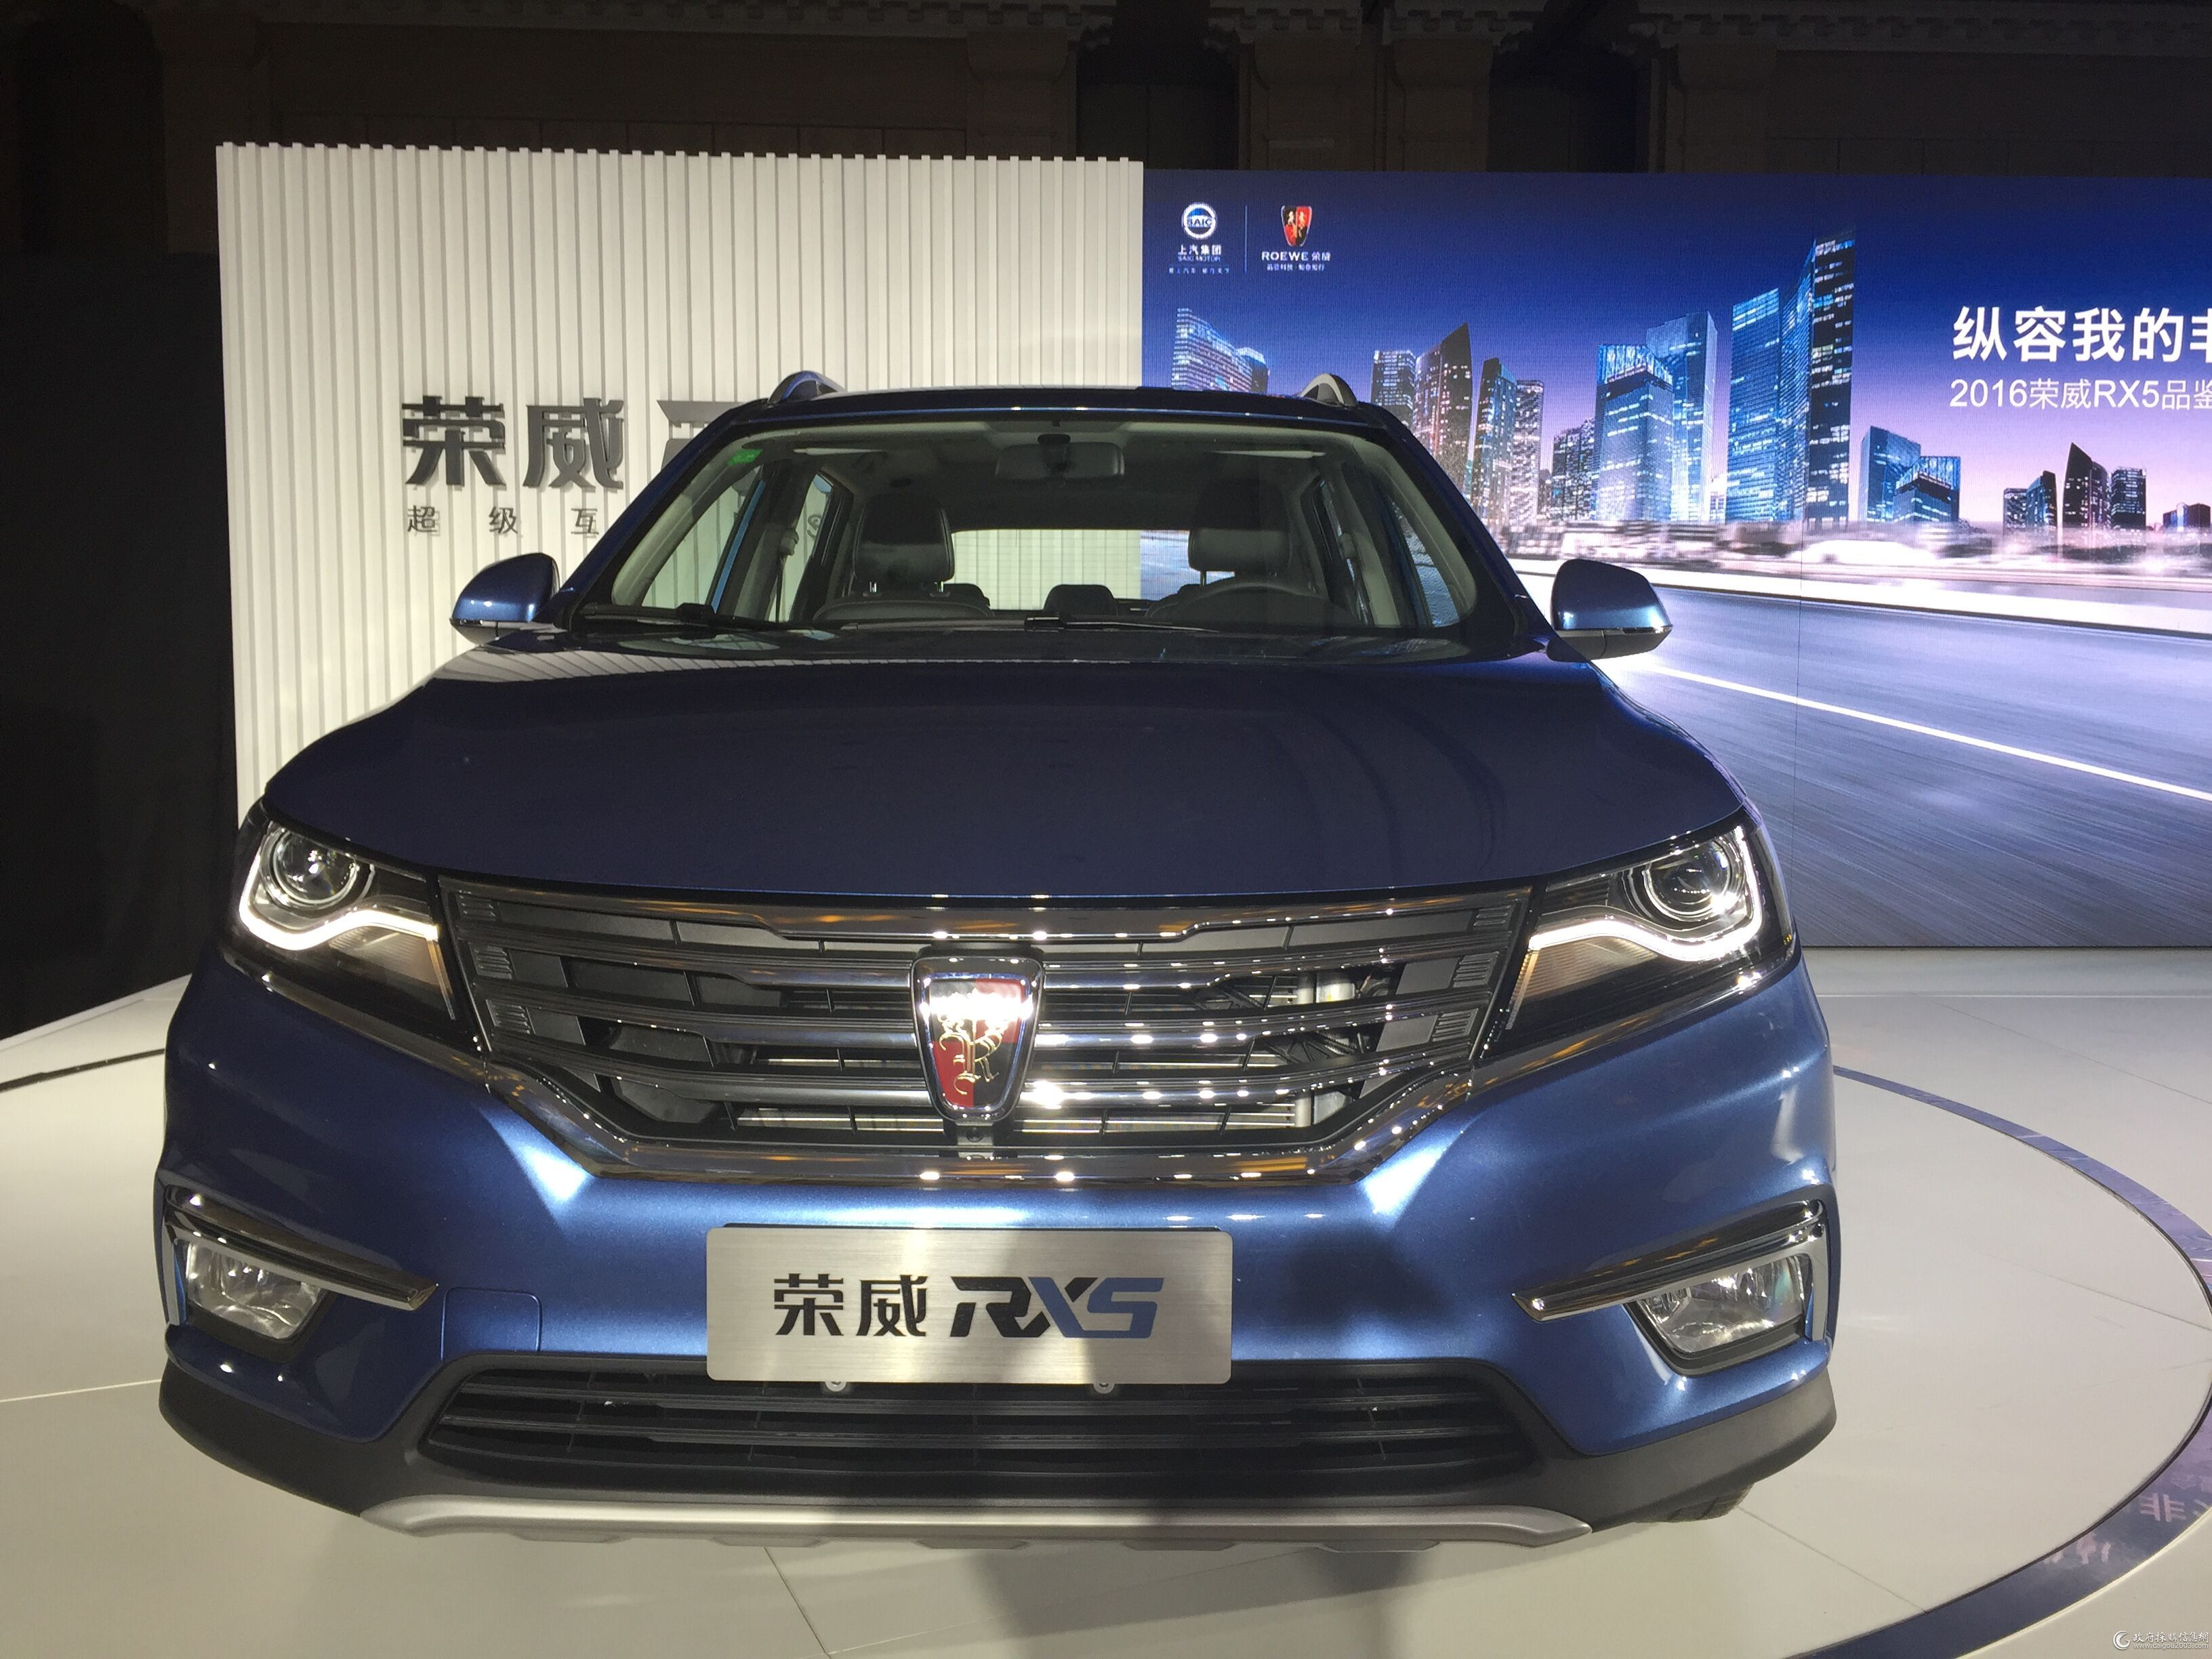 荣威RX5爆洪荒之力 月订单已破2.5万辆高清图片